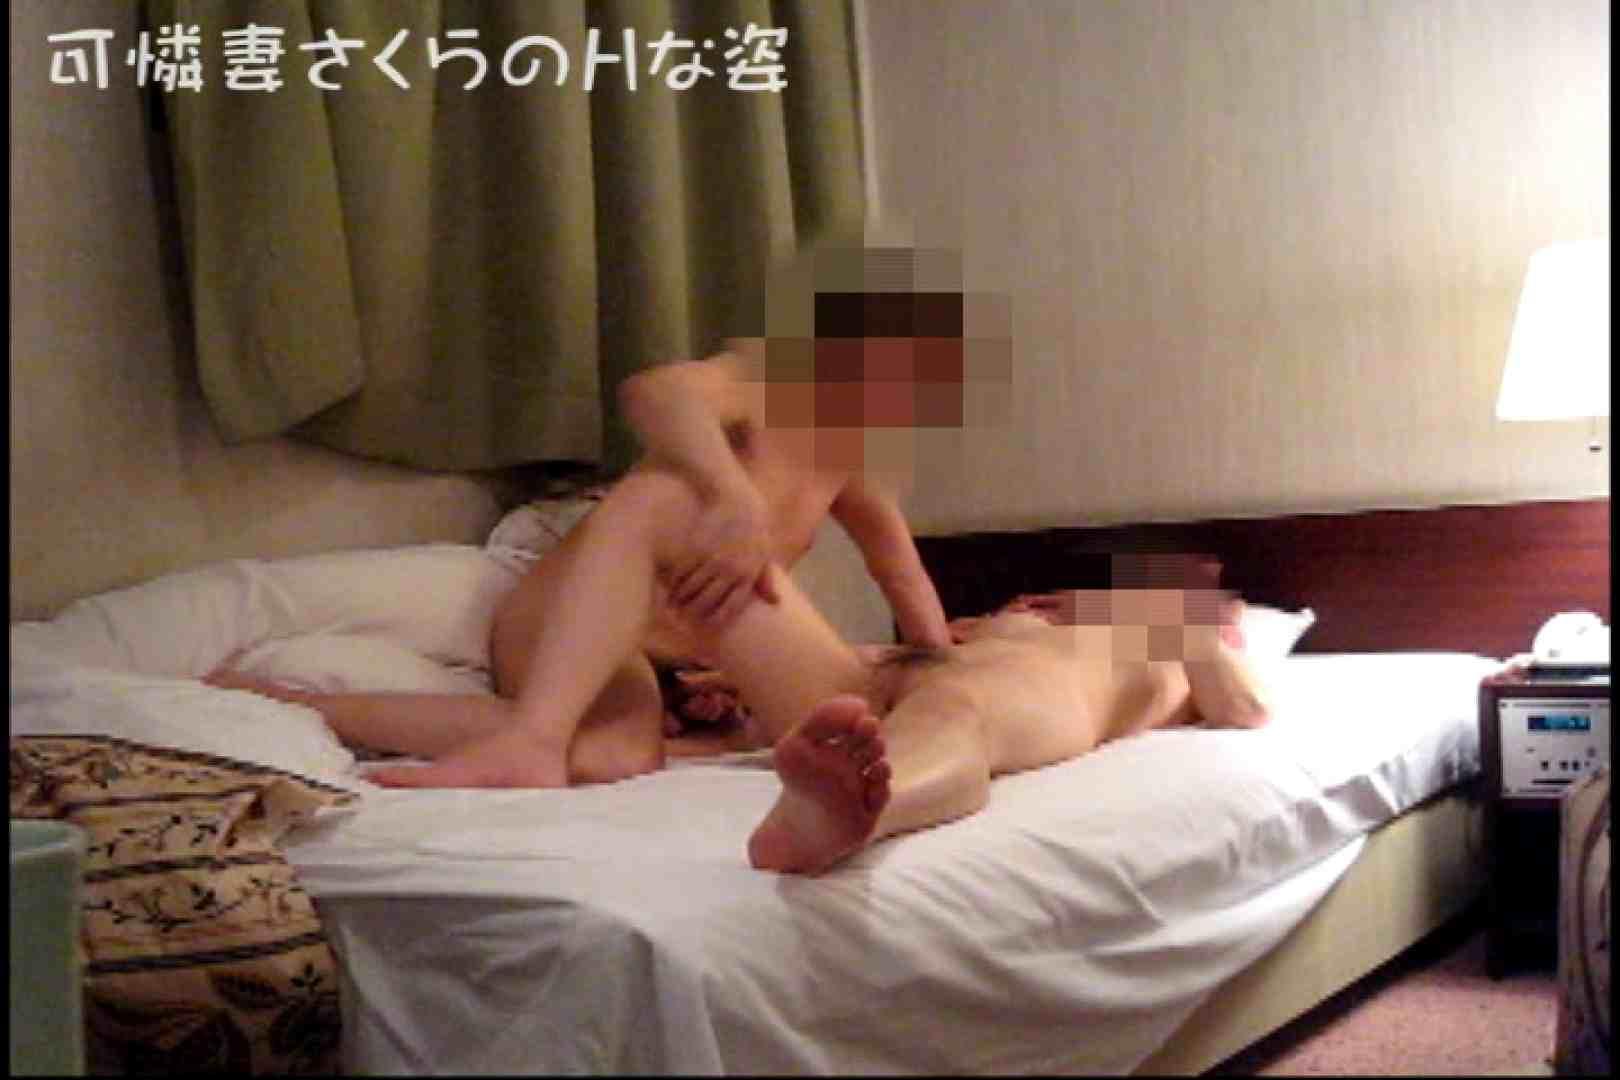 可憐妻さくらのHな姿vol.5前編 セックス われめAV動画紹介 63連発 27